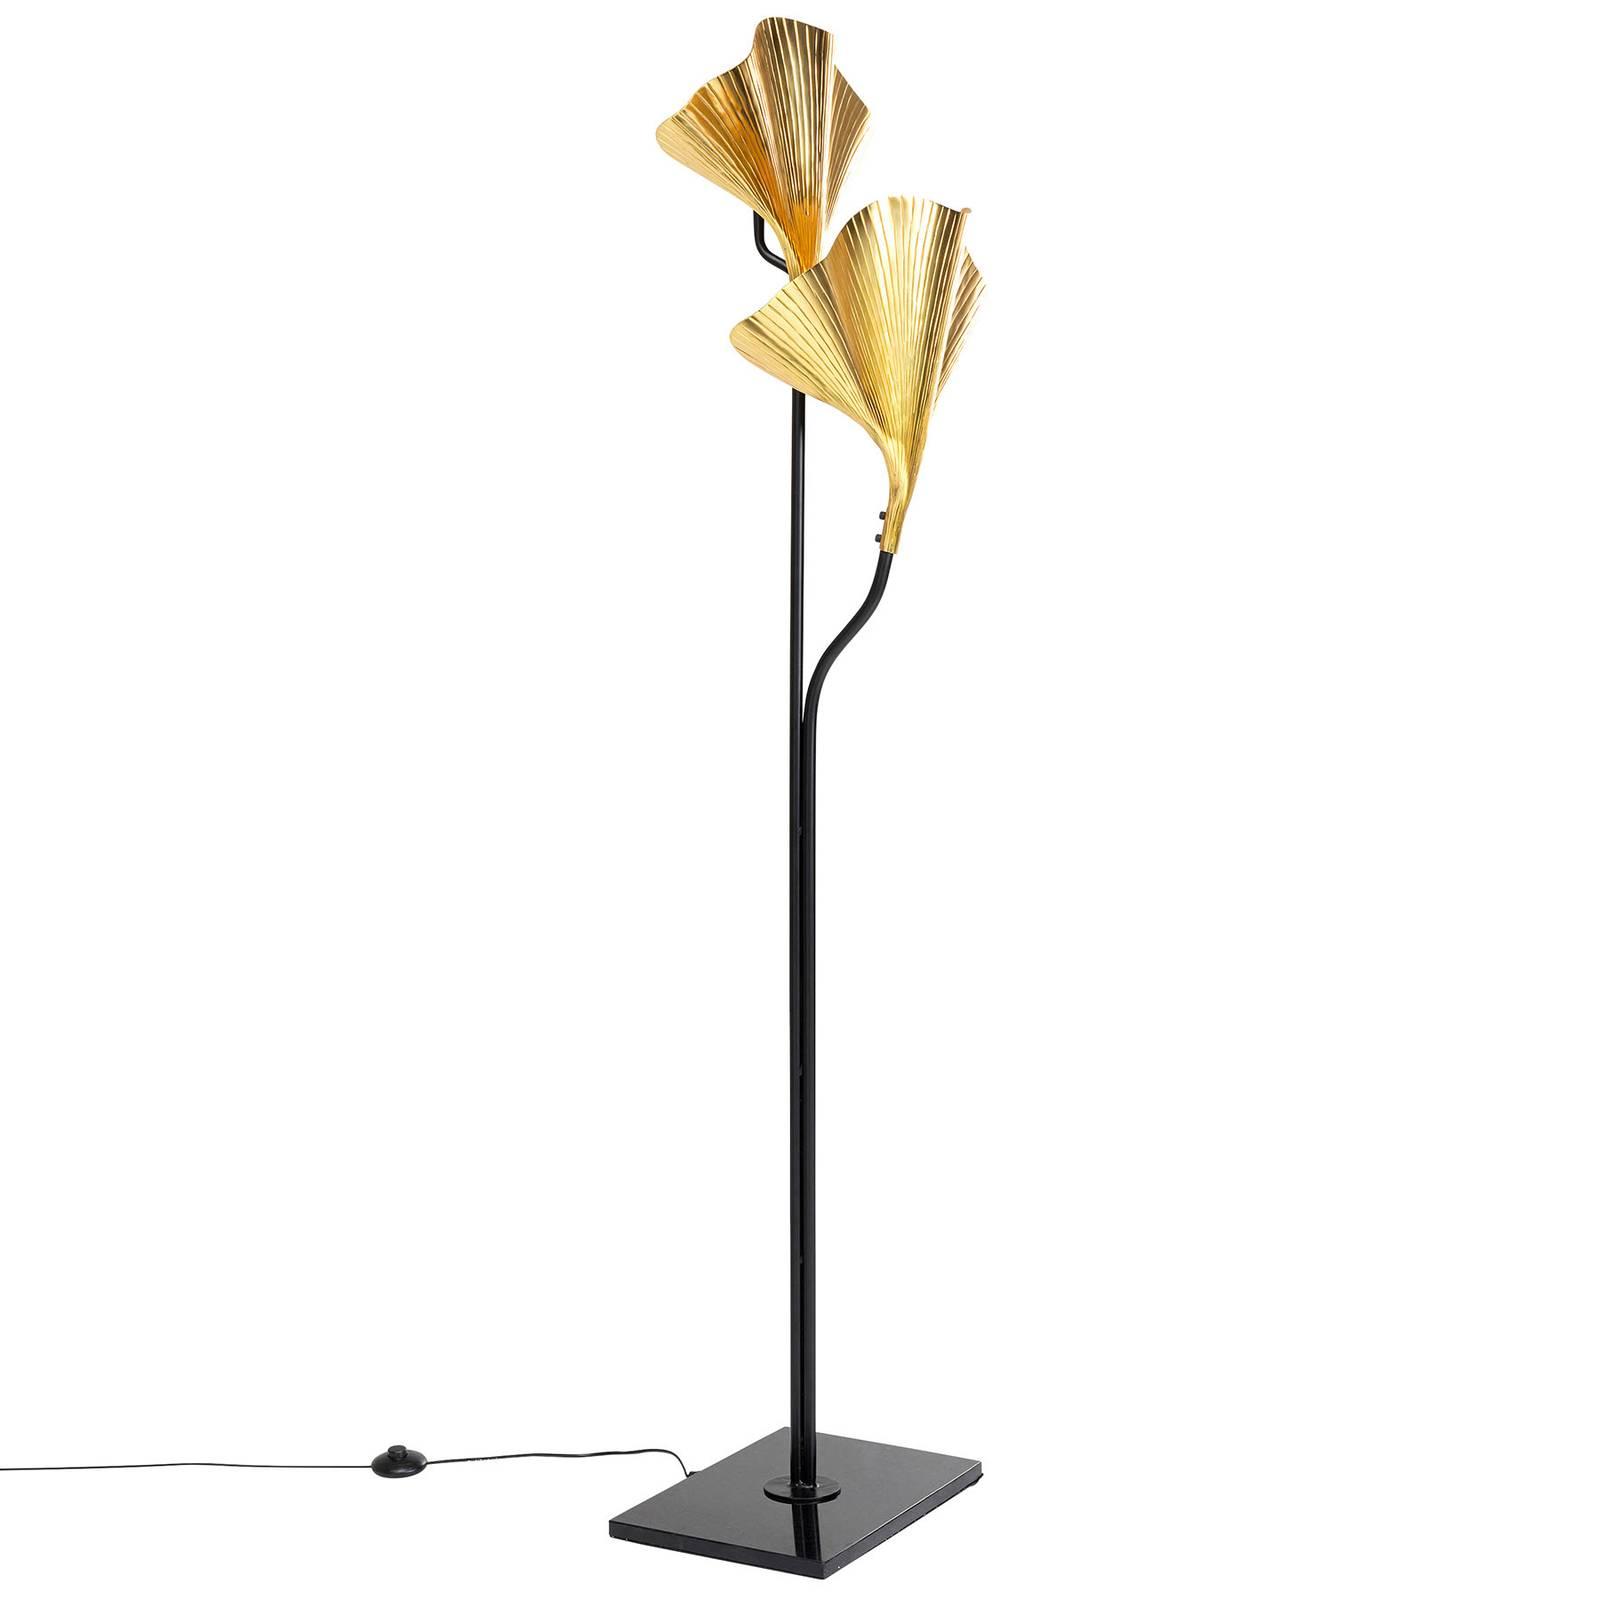 KARE Gingko Due Stehleuchte mit goldenen Blättern